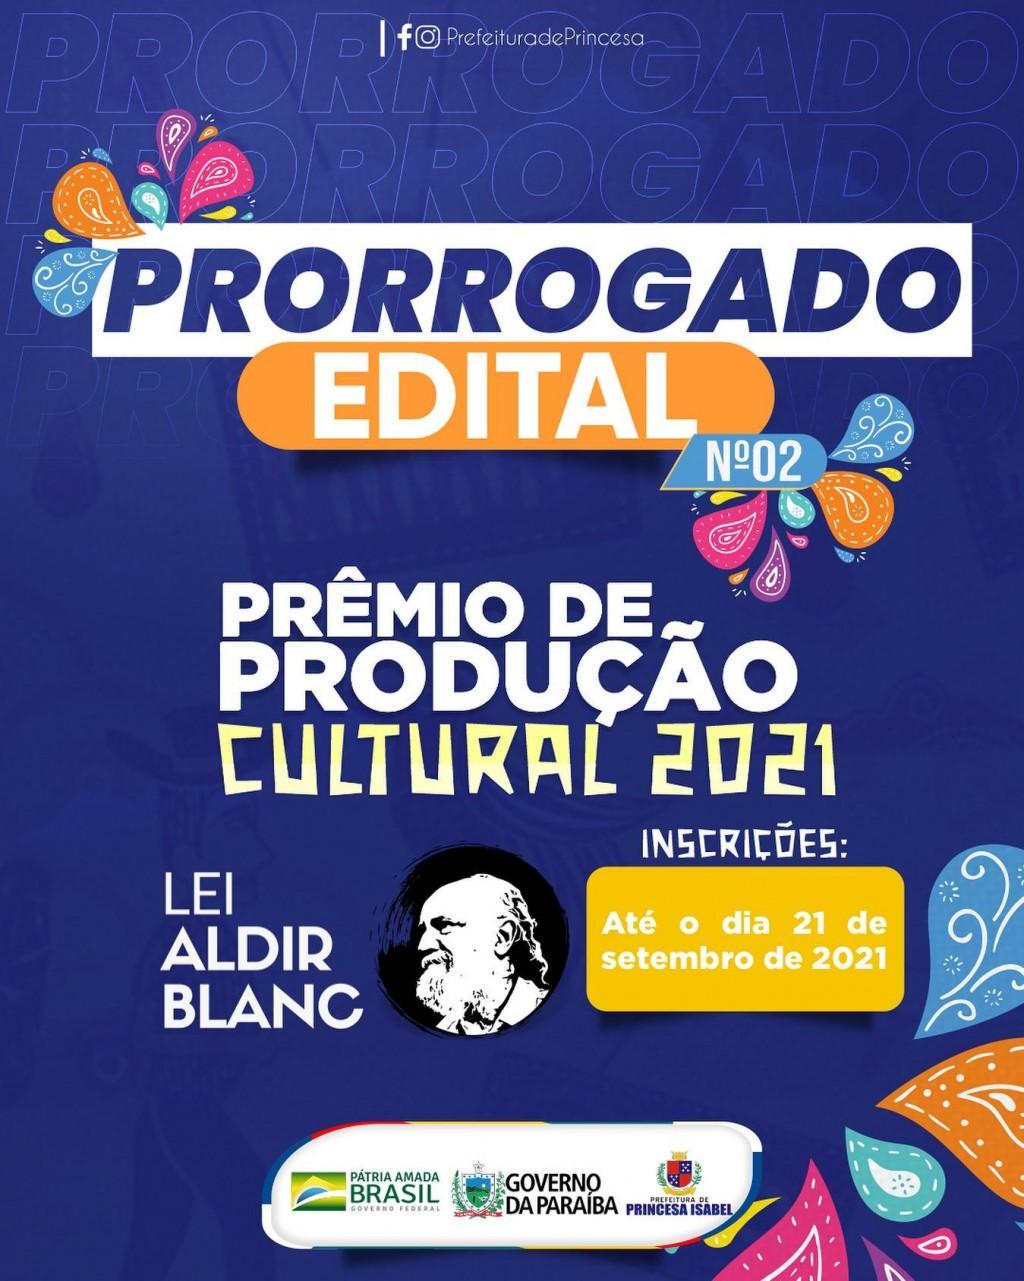 PRORROGADO: EDITAL PRÊMIO DE PRODUÇÃO CULTURAL 2021